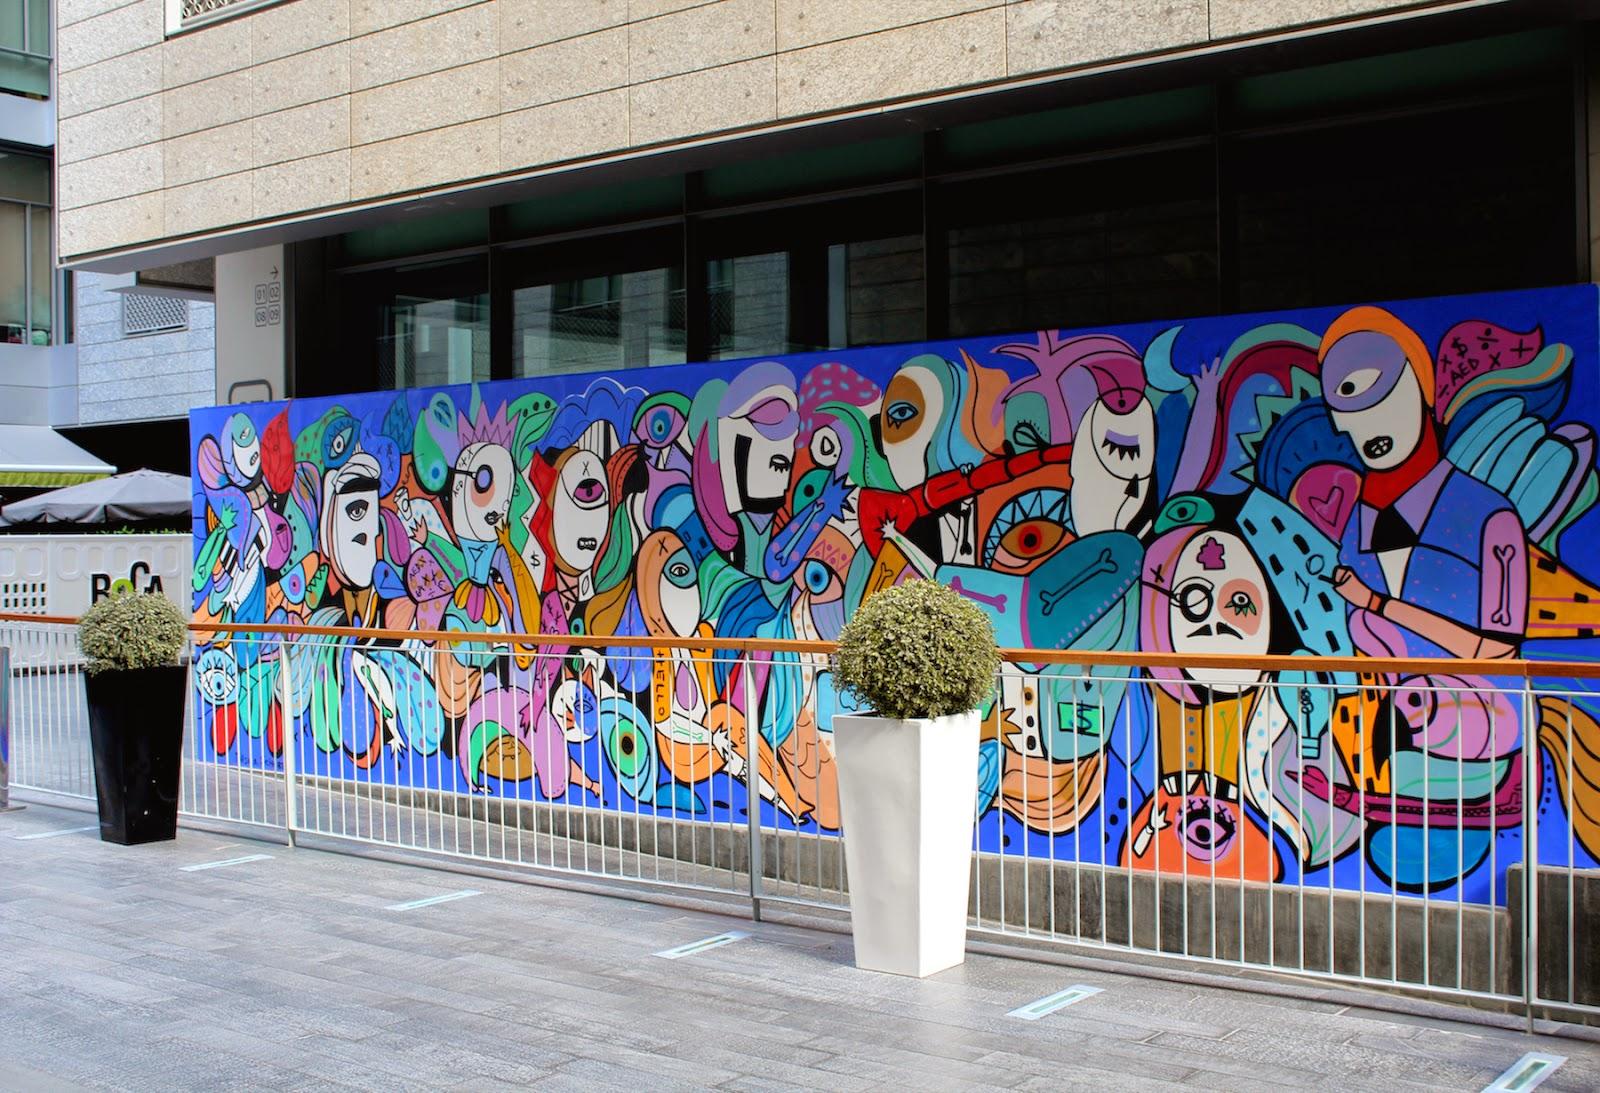 Graffiti wall uae - Difc Dubai Uae 2014